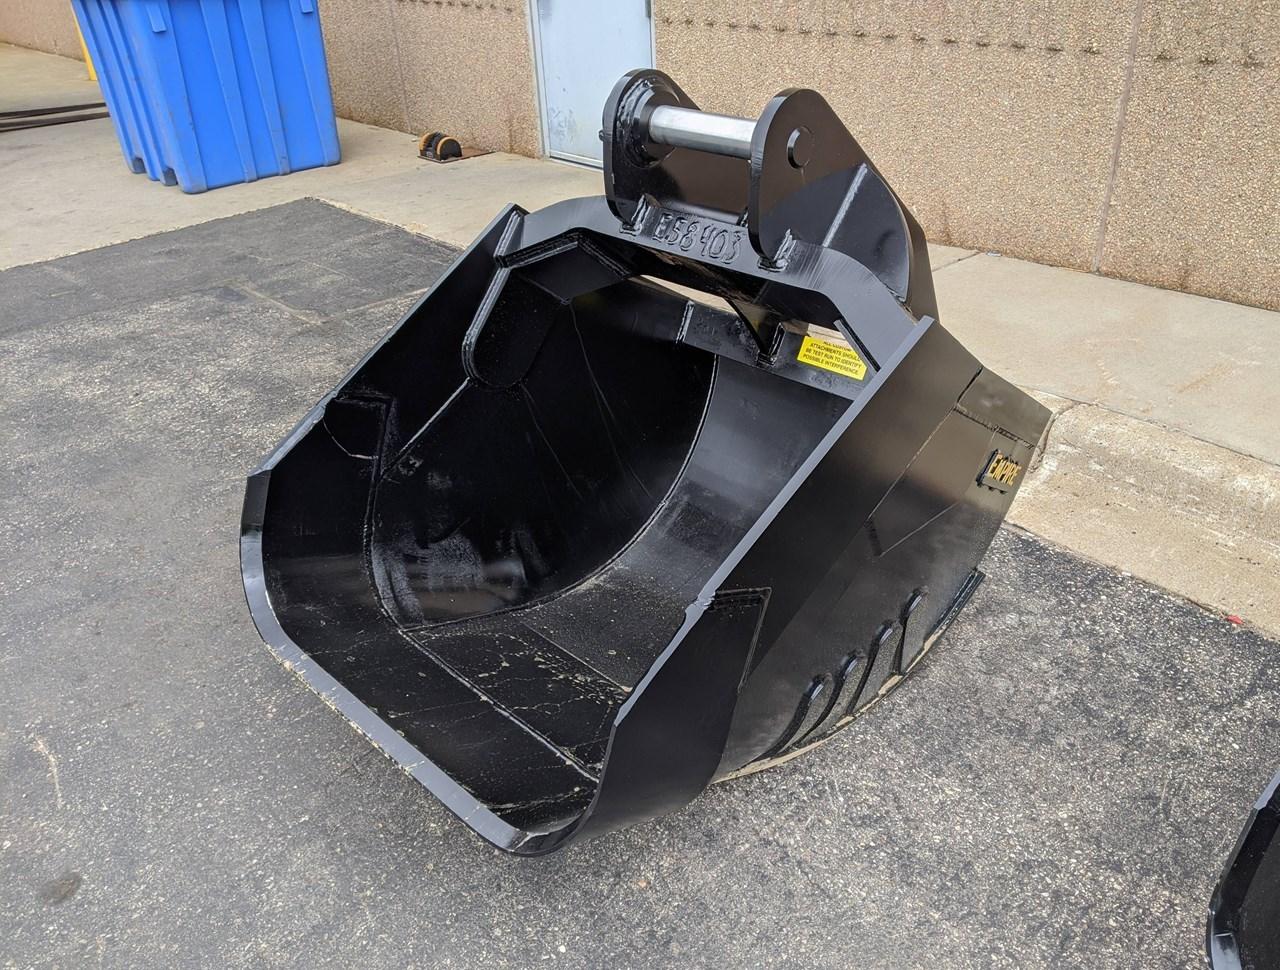 2020 EMPIRE SK140S Excavator Bucket For Sale